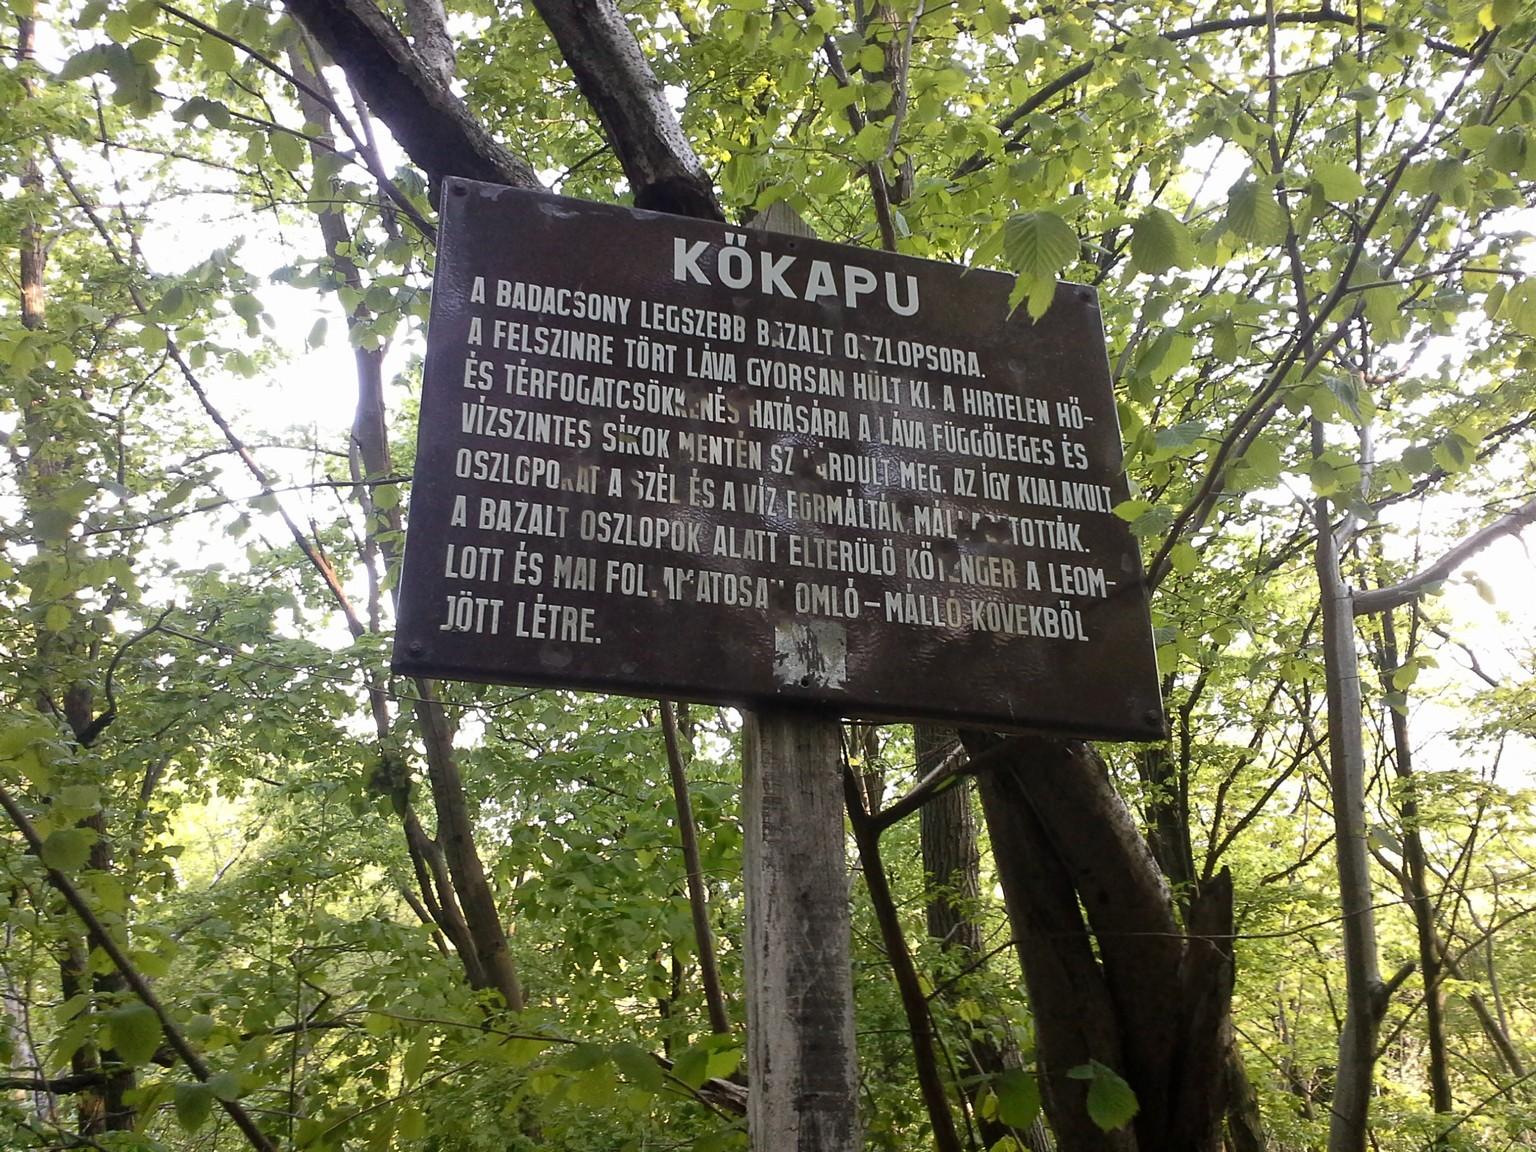 Kőkapu